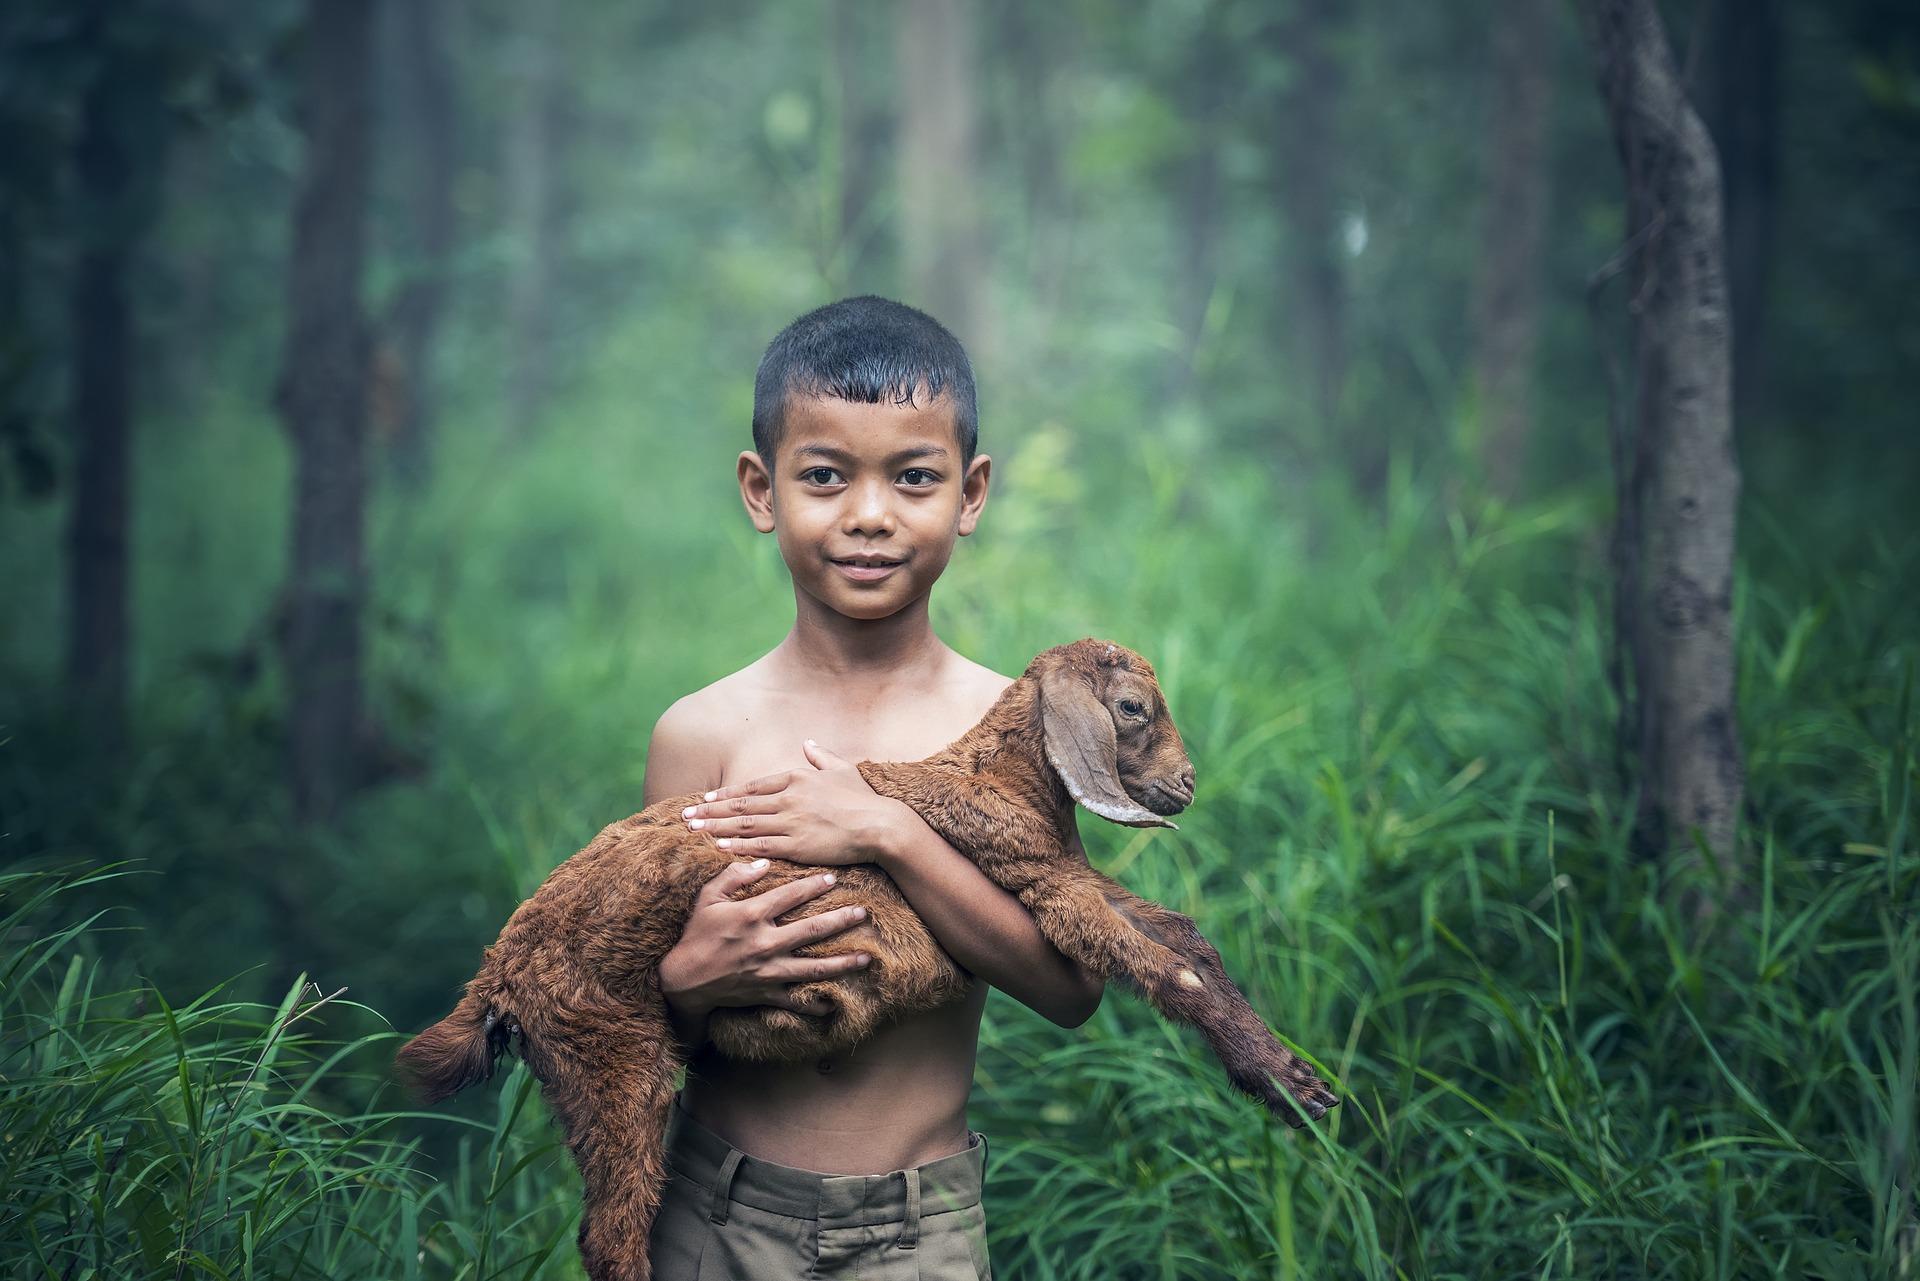 Enfant souriant avec un agneau dans les bras